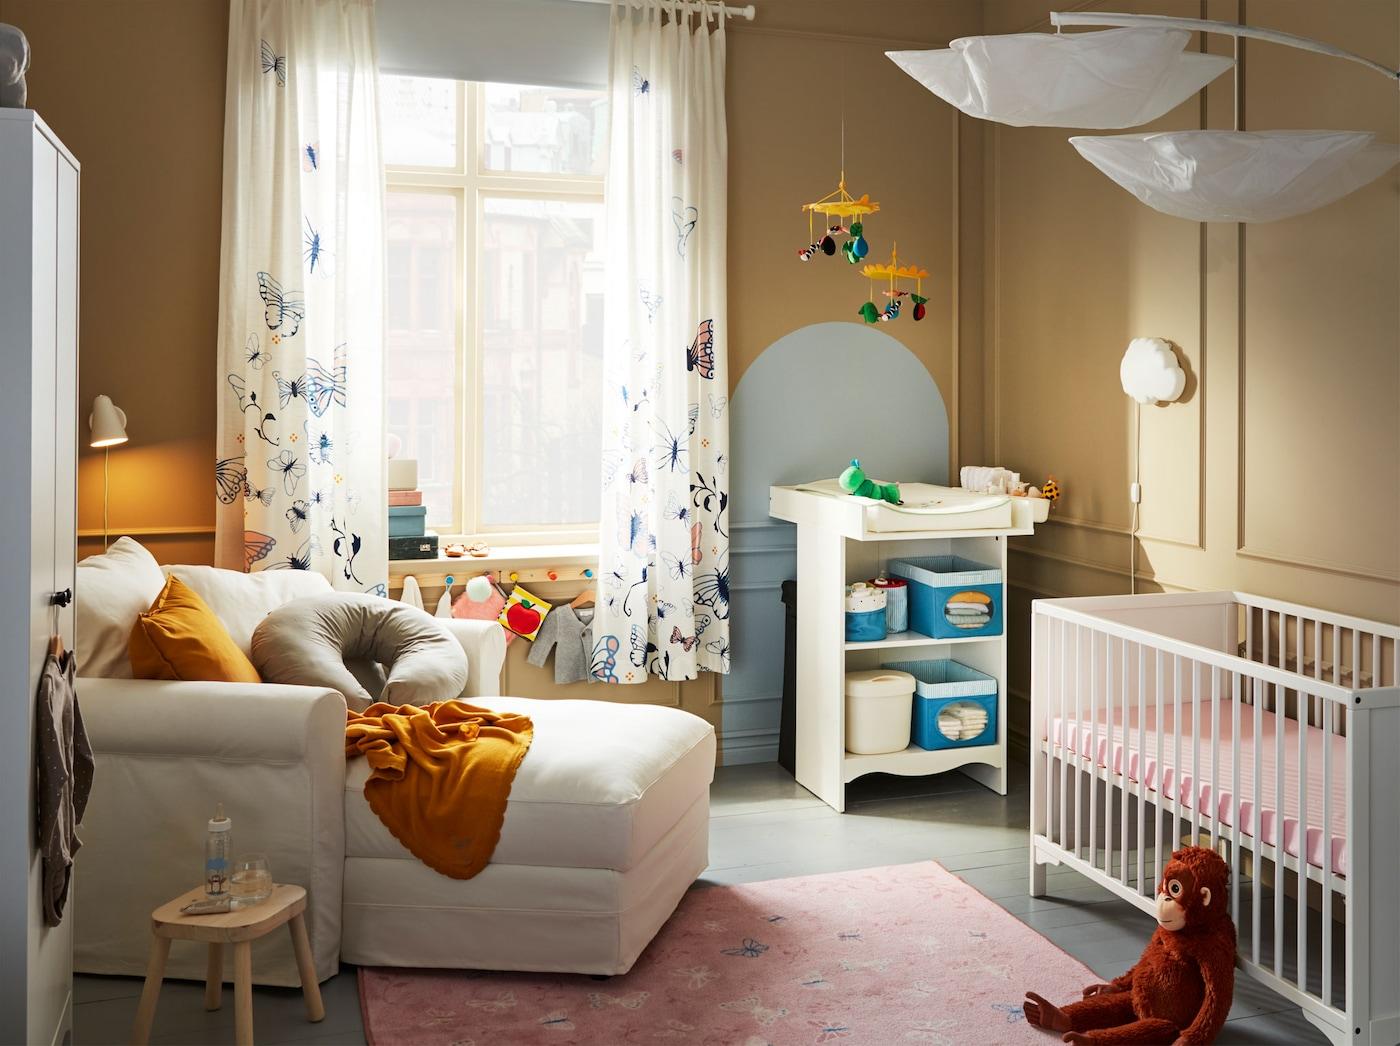 Această cameră confortabilă pentru bebeluși oferă tot ce ai nevoie, atât din punct de vedere al confortului, cât și al necesităților.  GRÖNLID de la IKEA este un loc confortabil pentru a te relaxa atunci când alăptezi și te joci cu bebelușul.  Coșurile și cutiile NÖJSAM de la IKEA transformă acțiunea de schimbare a scutecelor pe masa de înfășat SOLGUL de la IKEA în una cât mai ușoară cu putință.